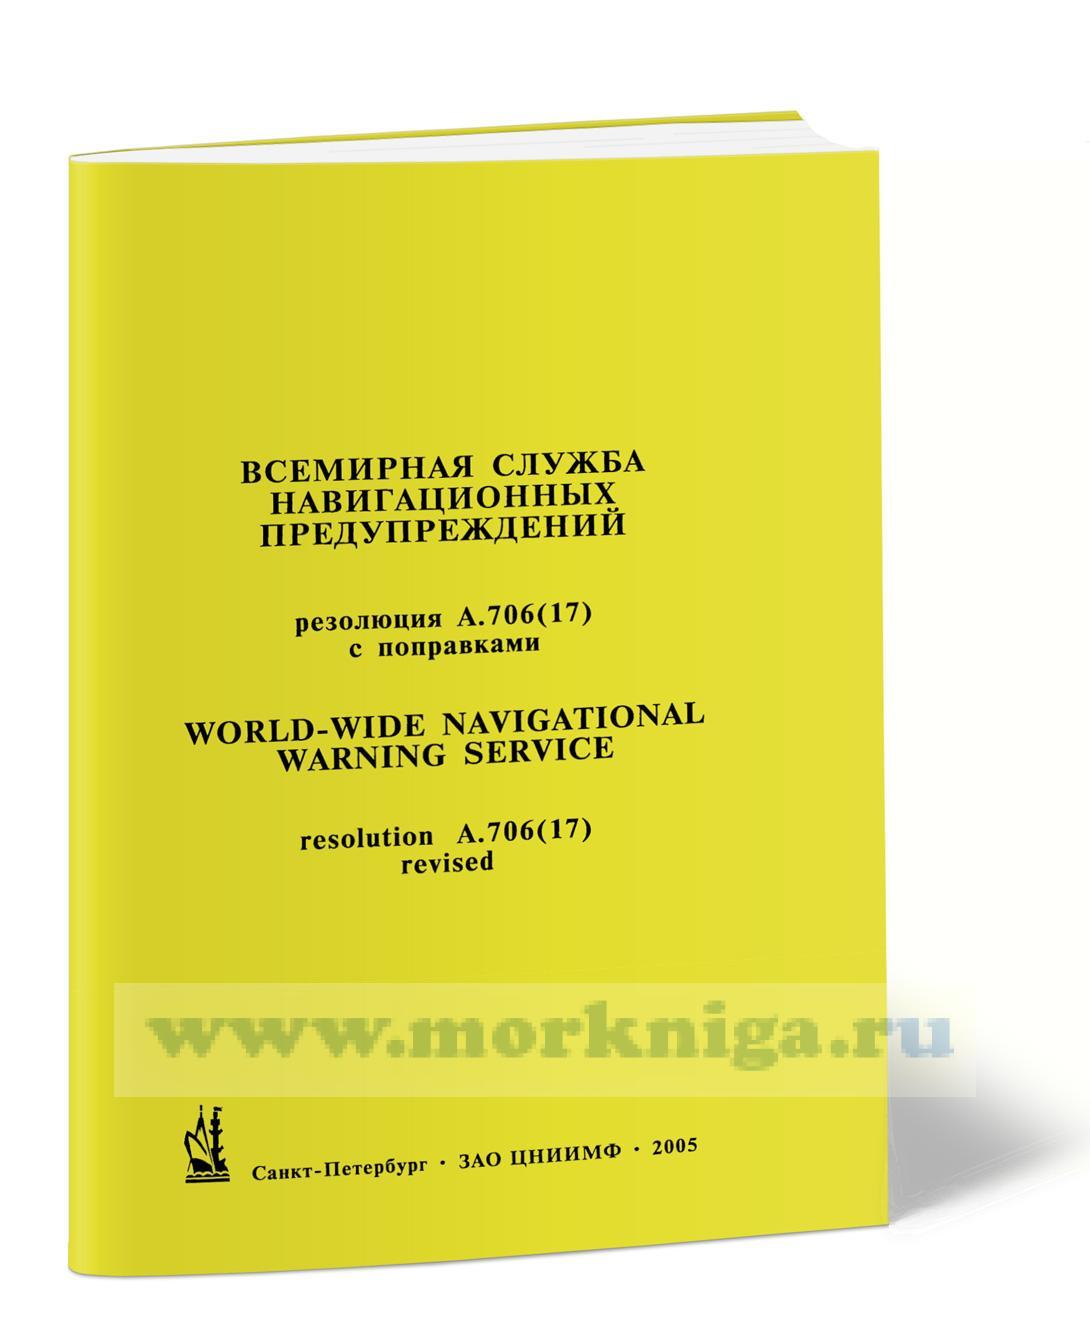 Всемирная служба навигационных предупреждений. Резолюция ИМО А.706(17) с поправками. World-wide navigational warning service. Resolution А.706 (17) as amended